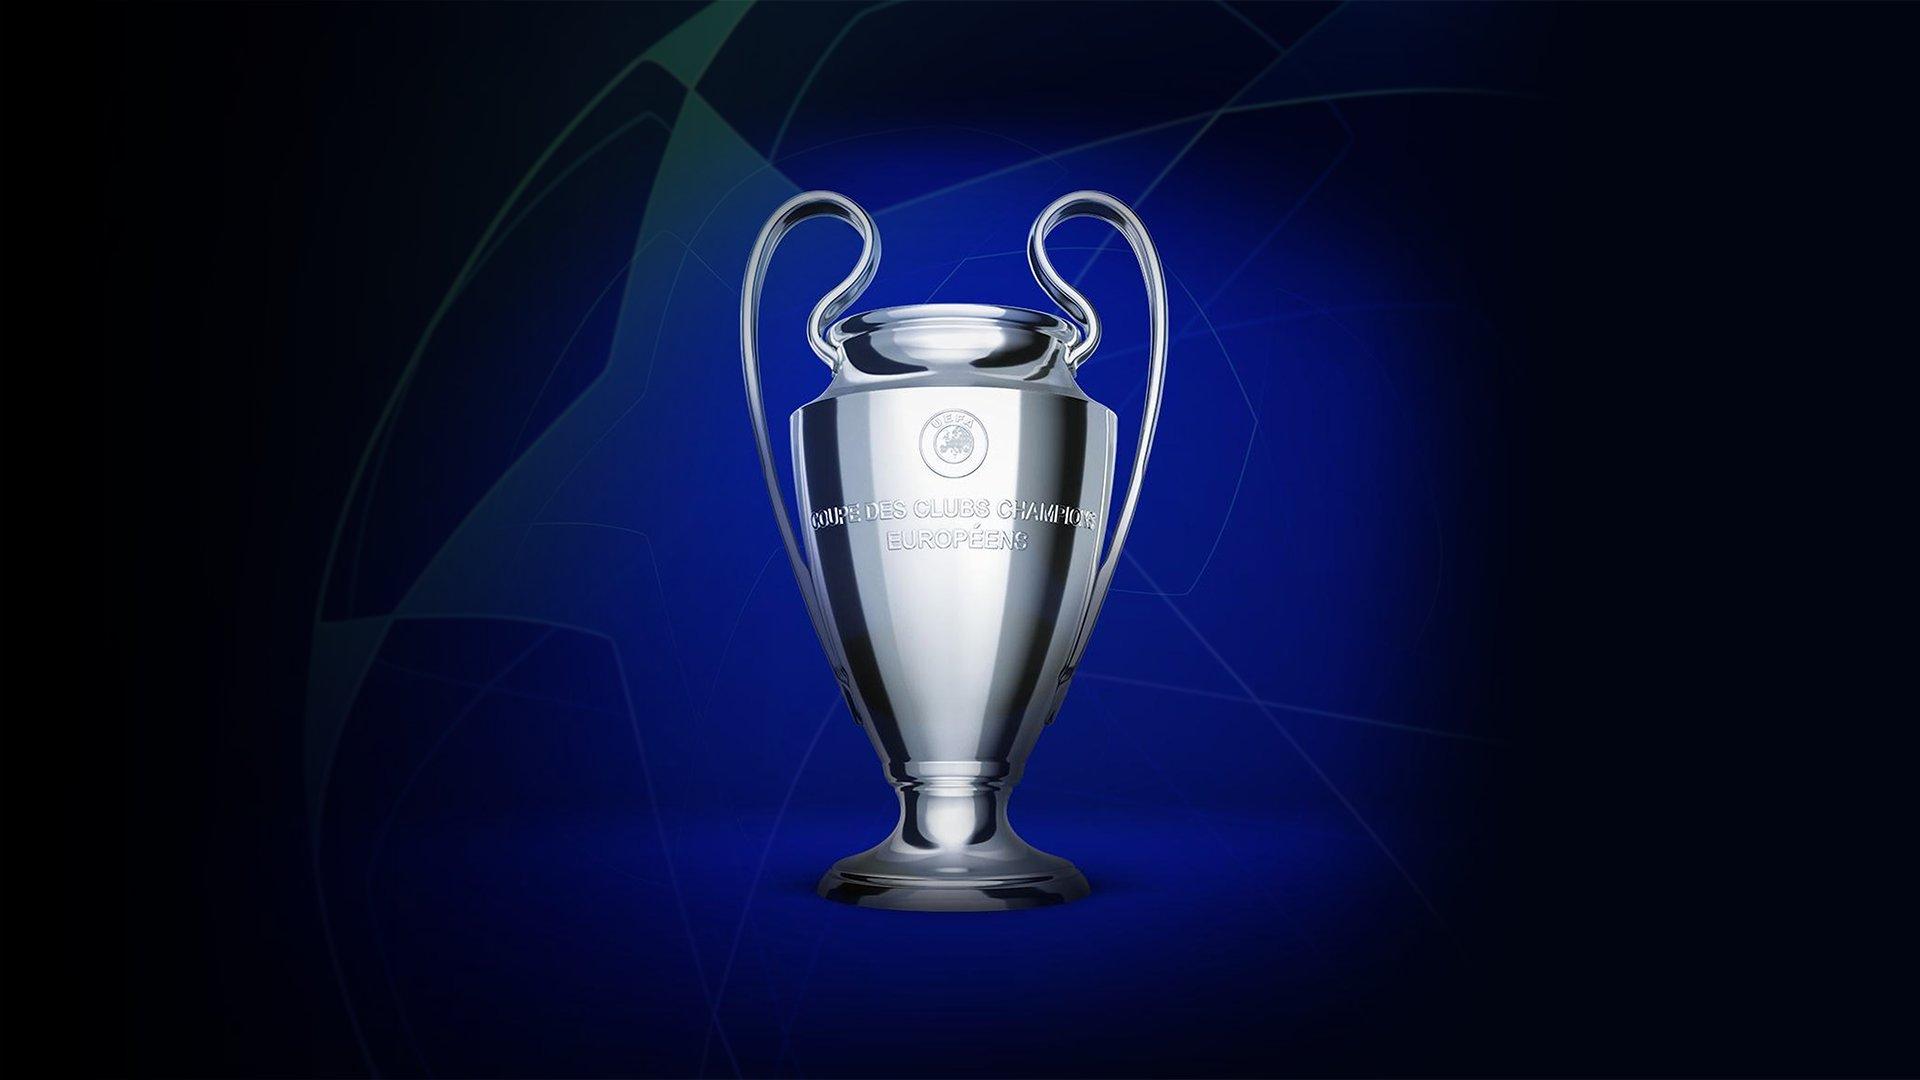 fond Ligue des champions UEFA